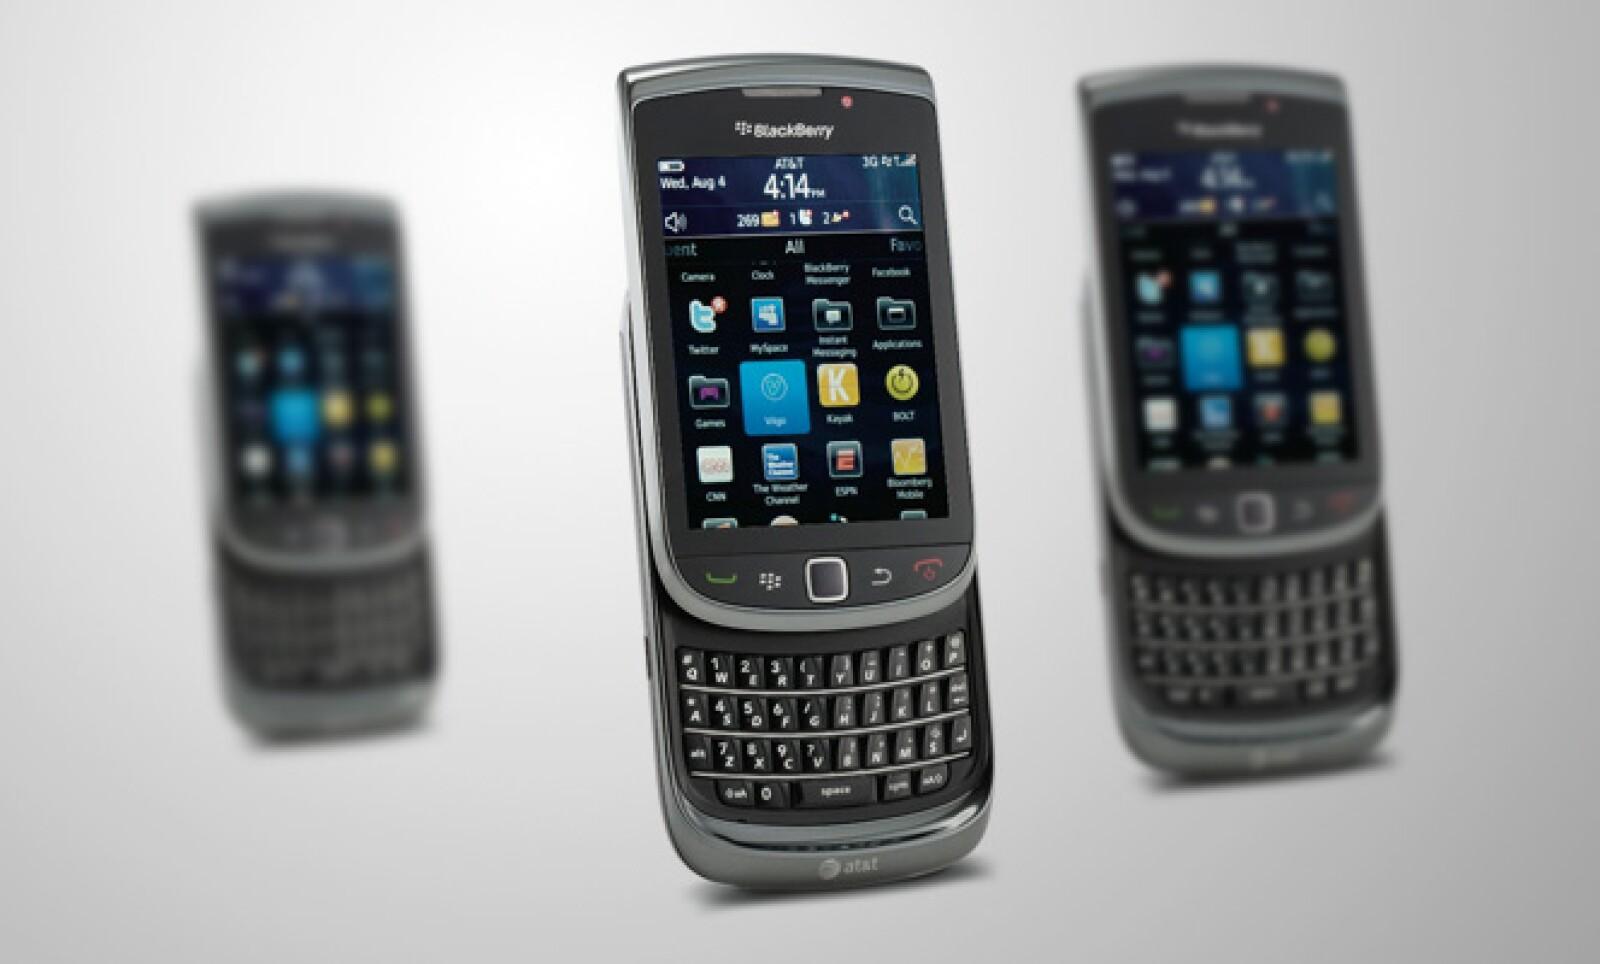 ¿Es papá un hombre de negocios? Entonces lo que necesita es un Smartphone: la BlackBerry Torch le puede agradar.